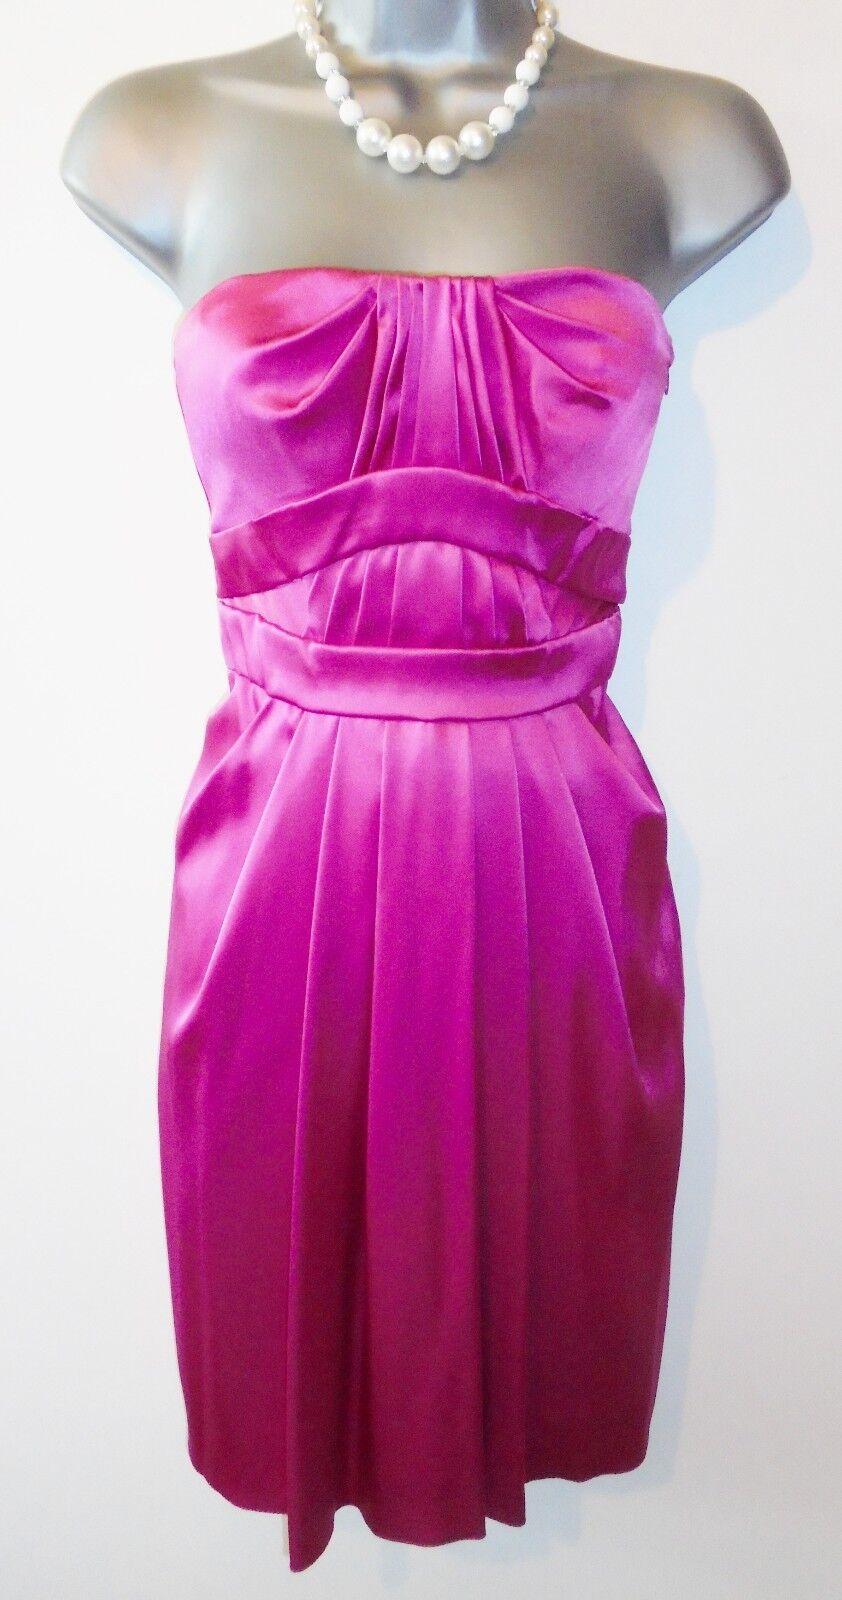 BNWT Karen Millen DC134 Fuchsia Pink Satin Evening Occasion Dress Size 8 NEW